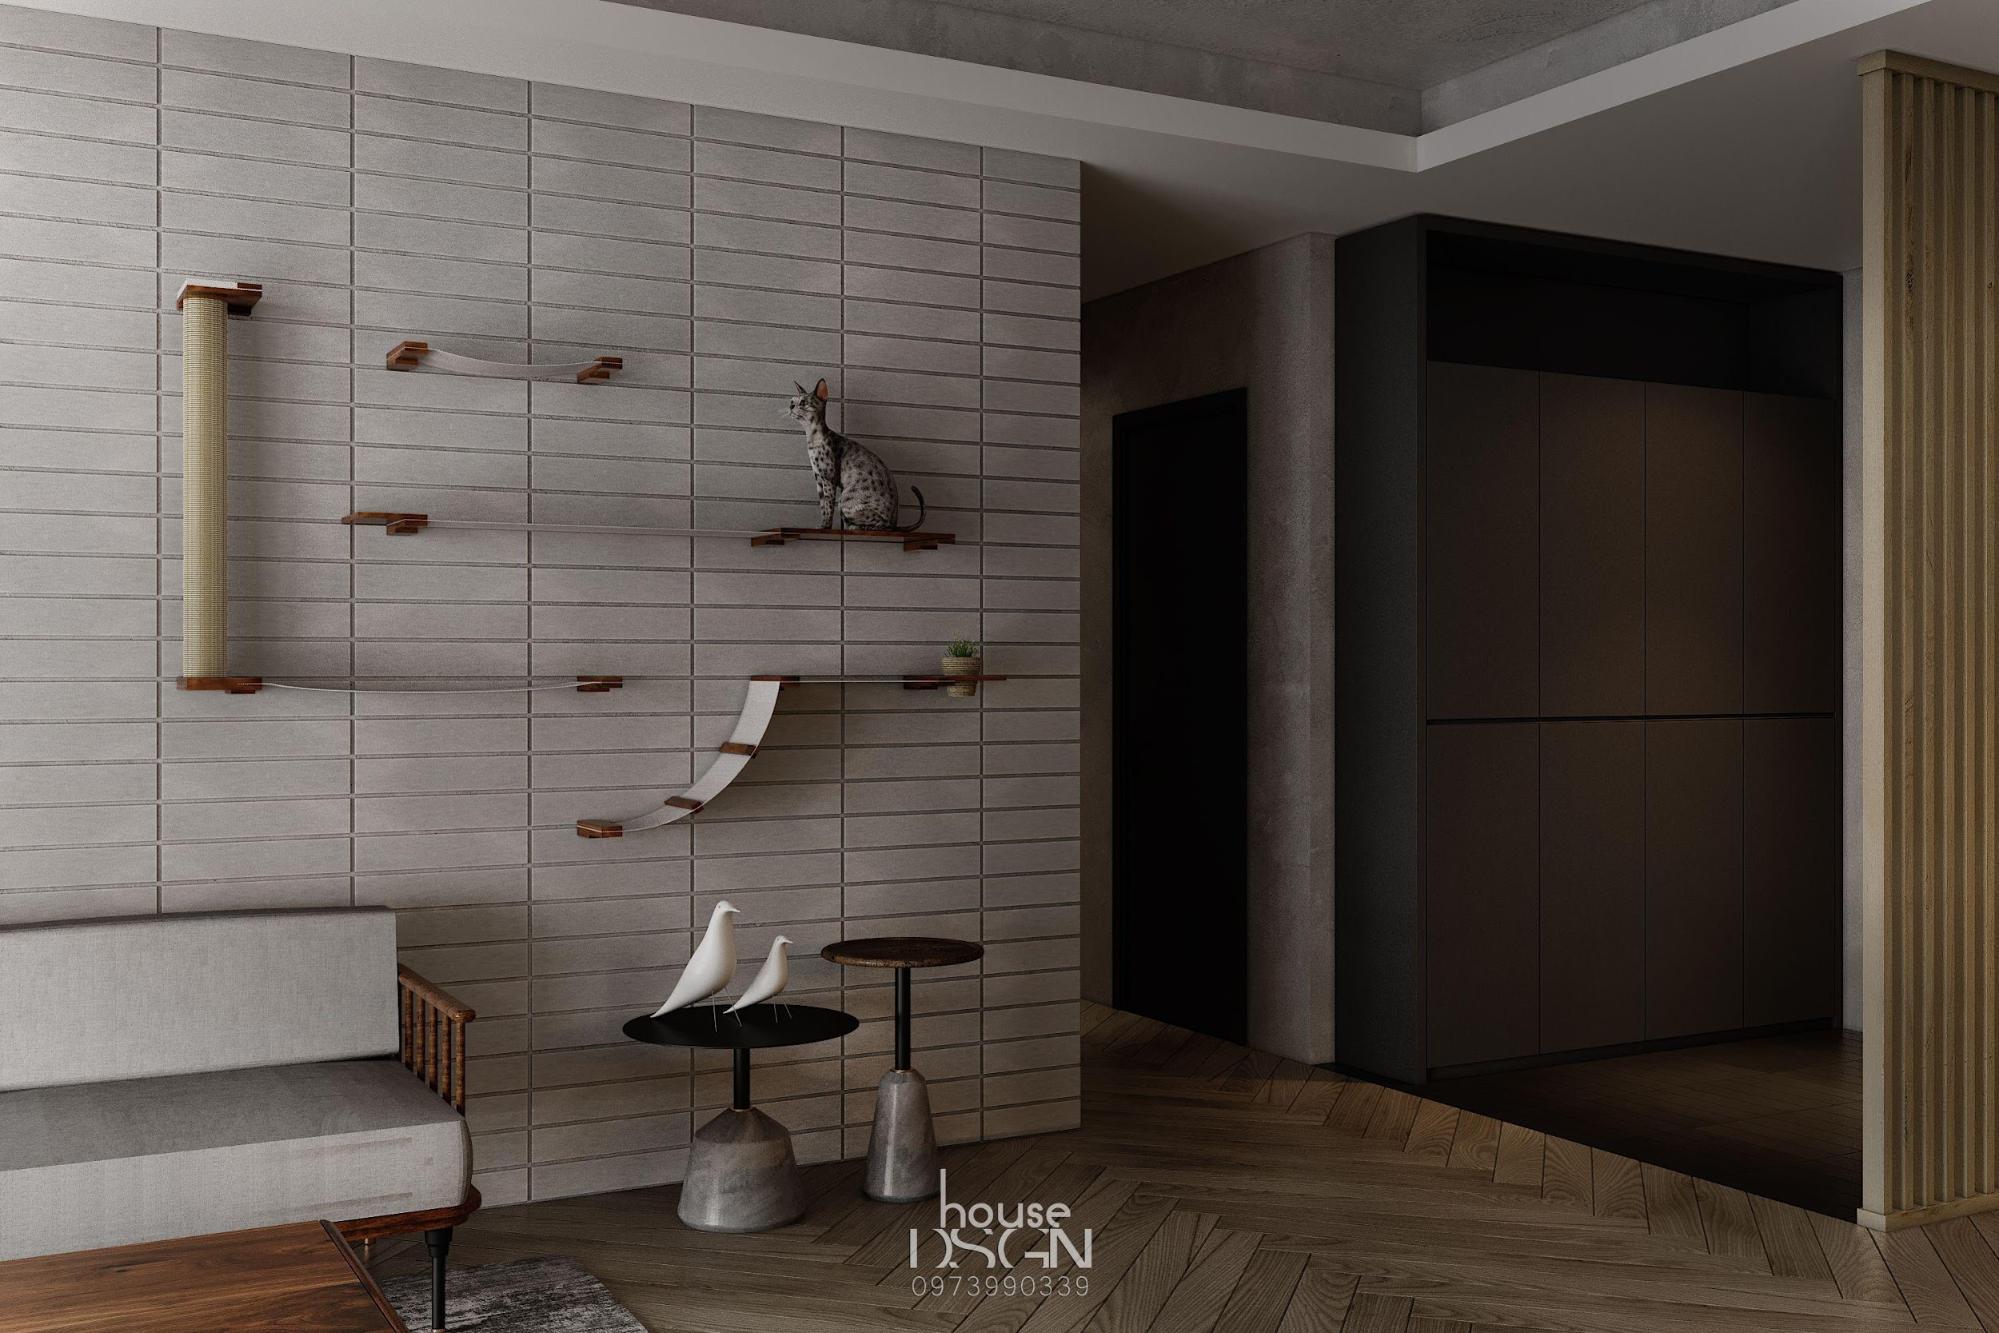 trang trí nội thất theo phong cách tối giản